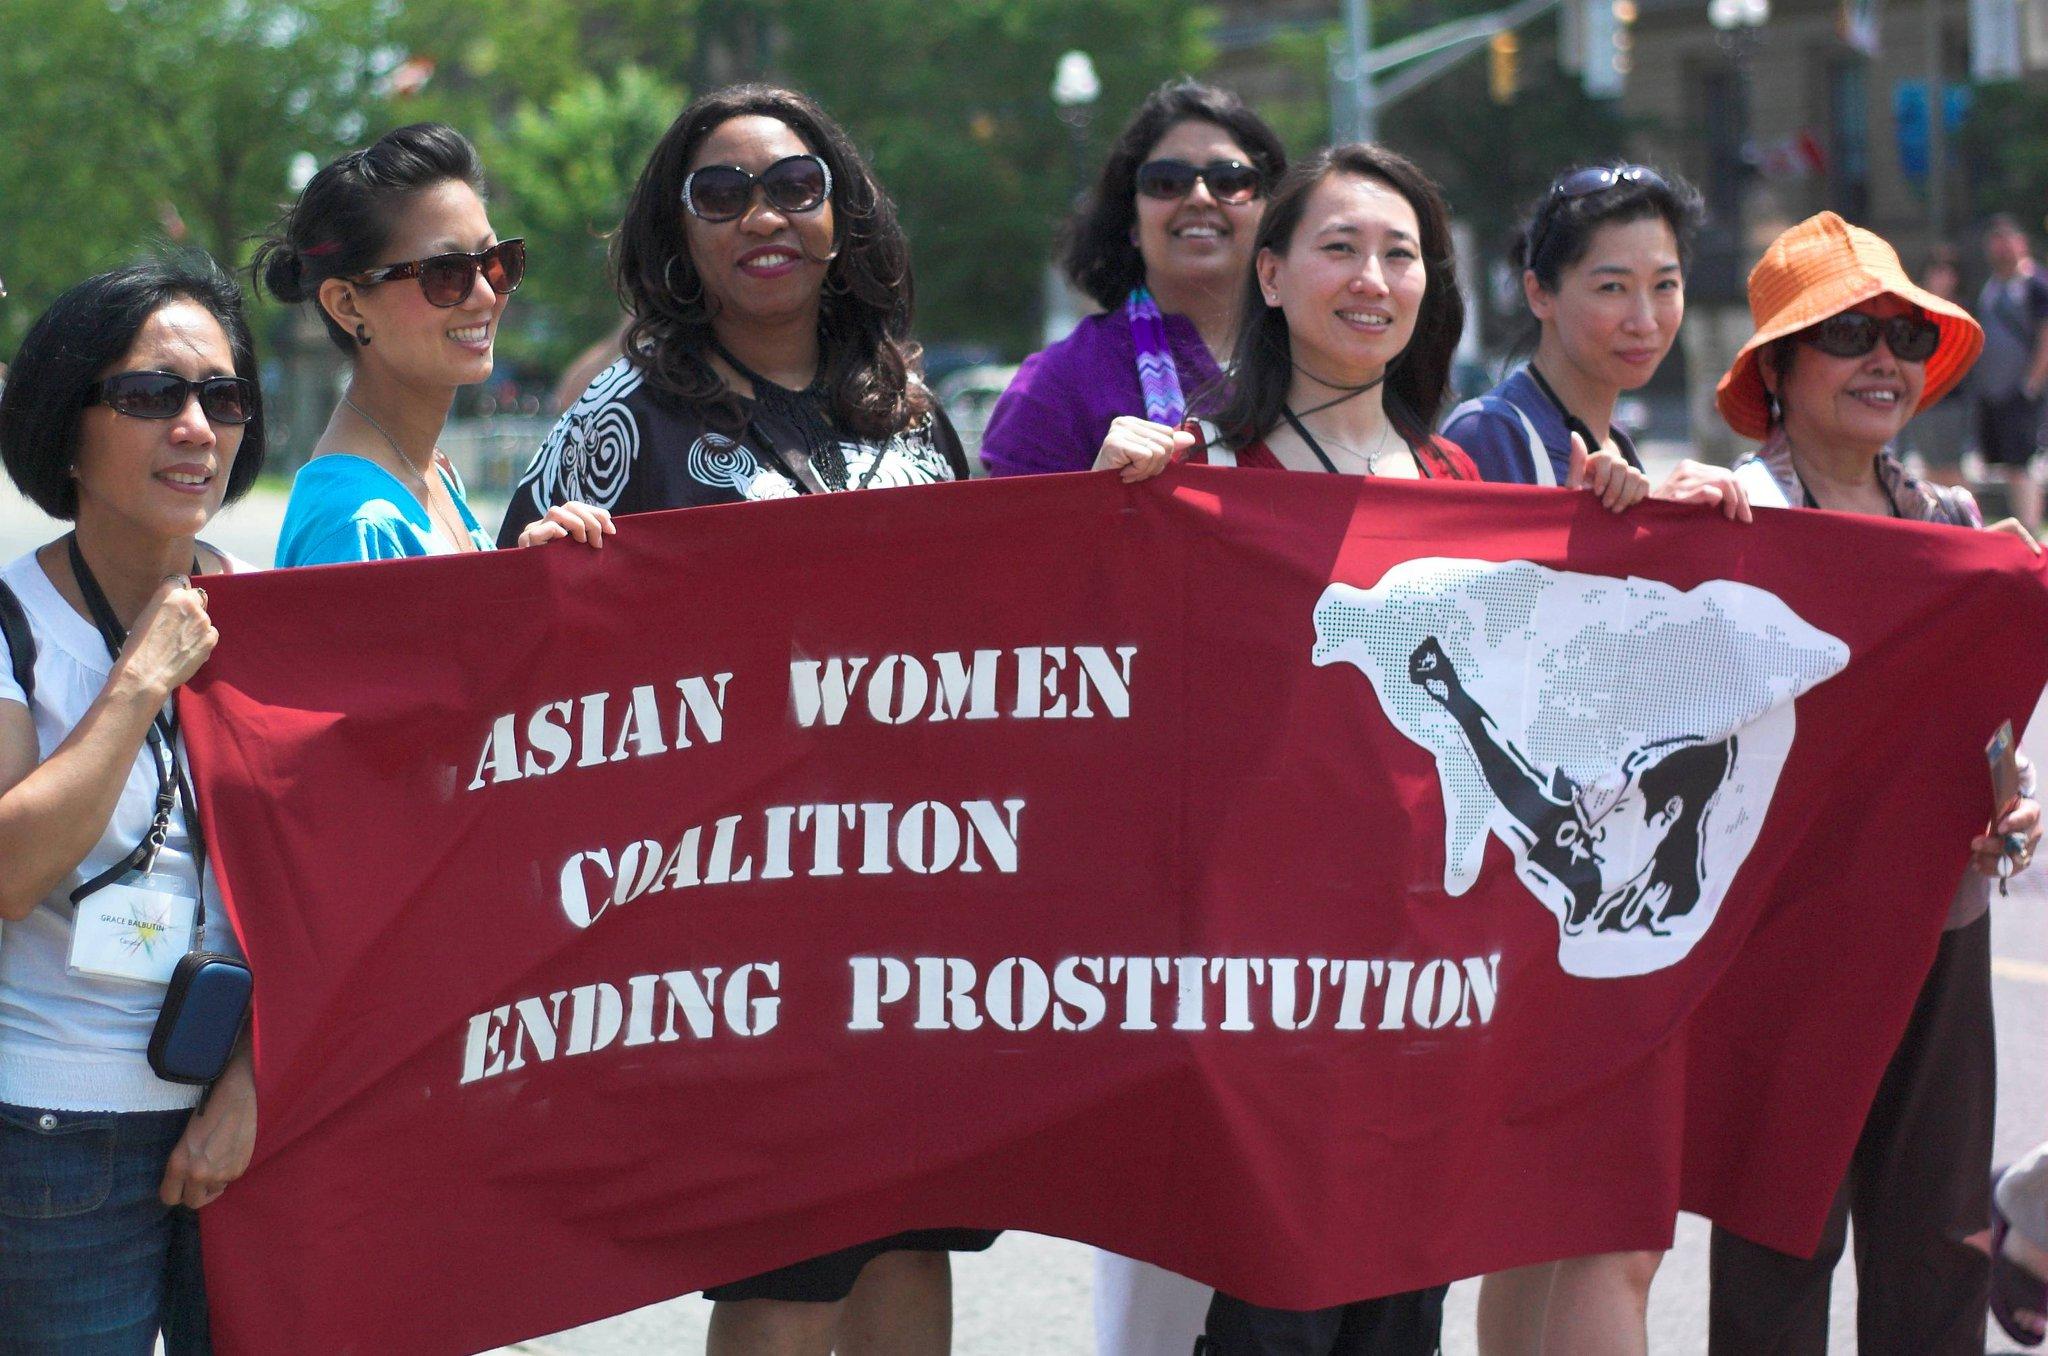 Asian WCEP